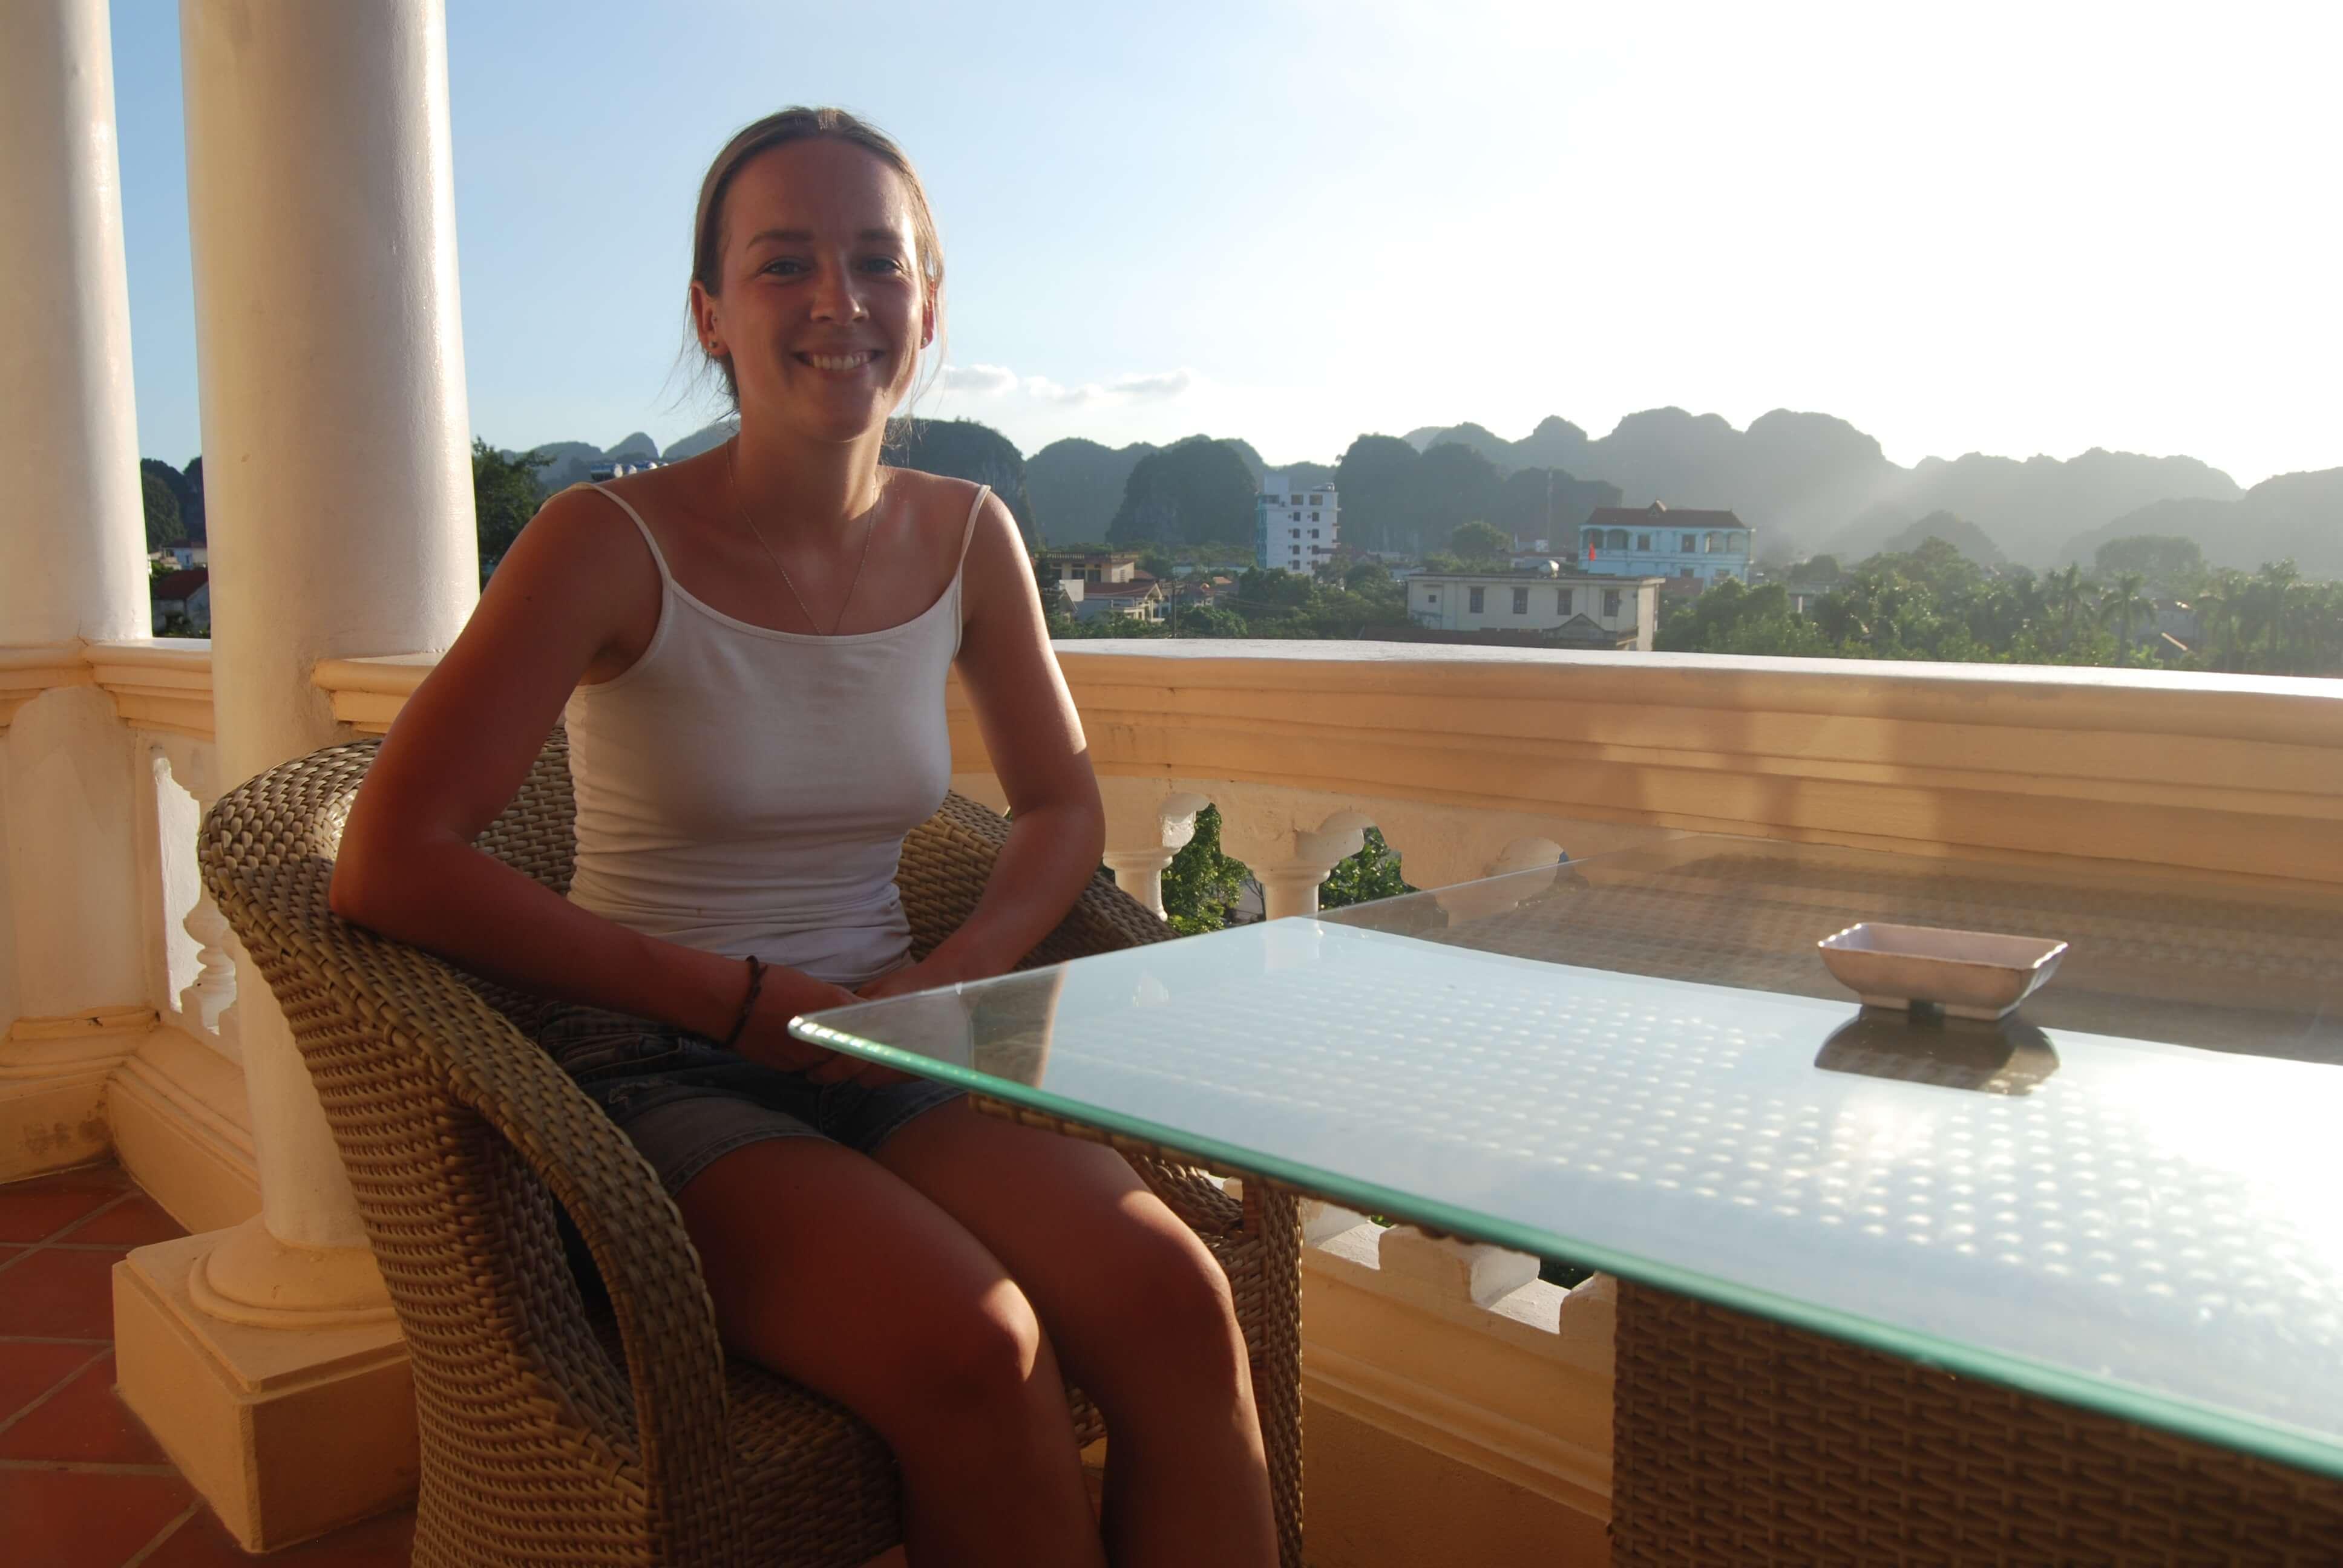 Một du khách người Hà Lan đang nghỉ tại khách sạn